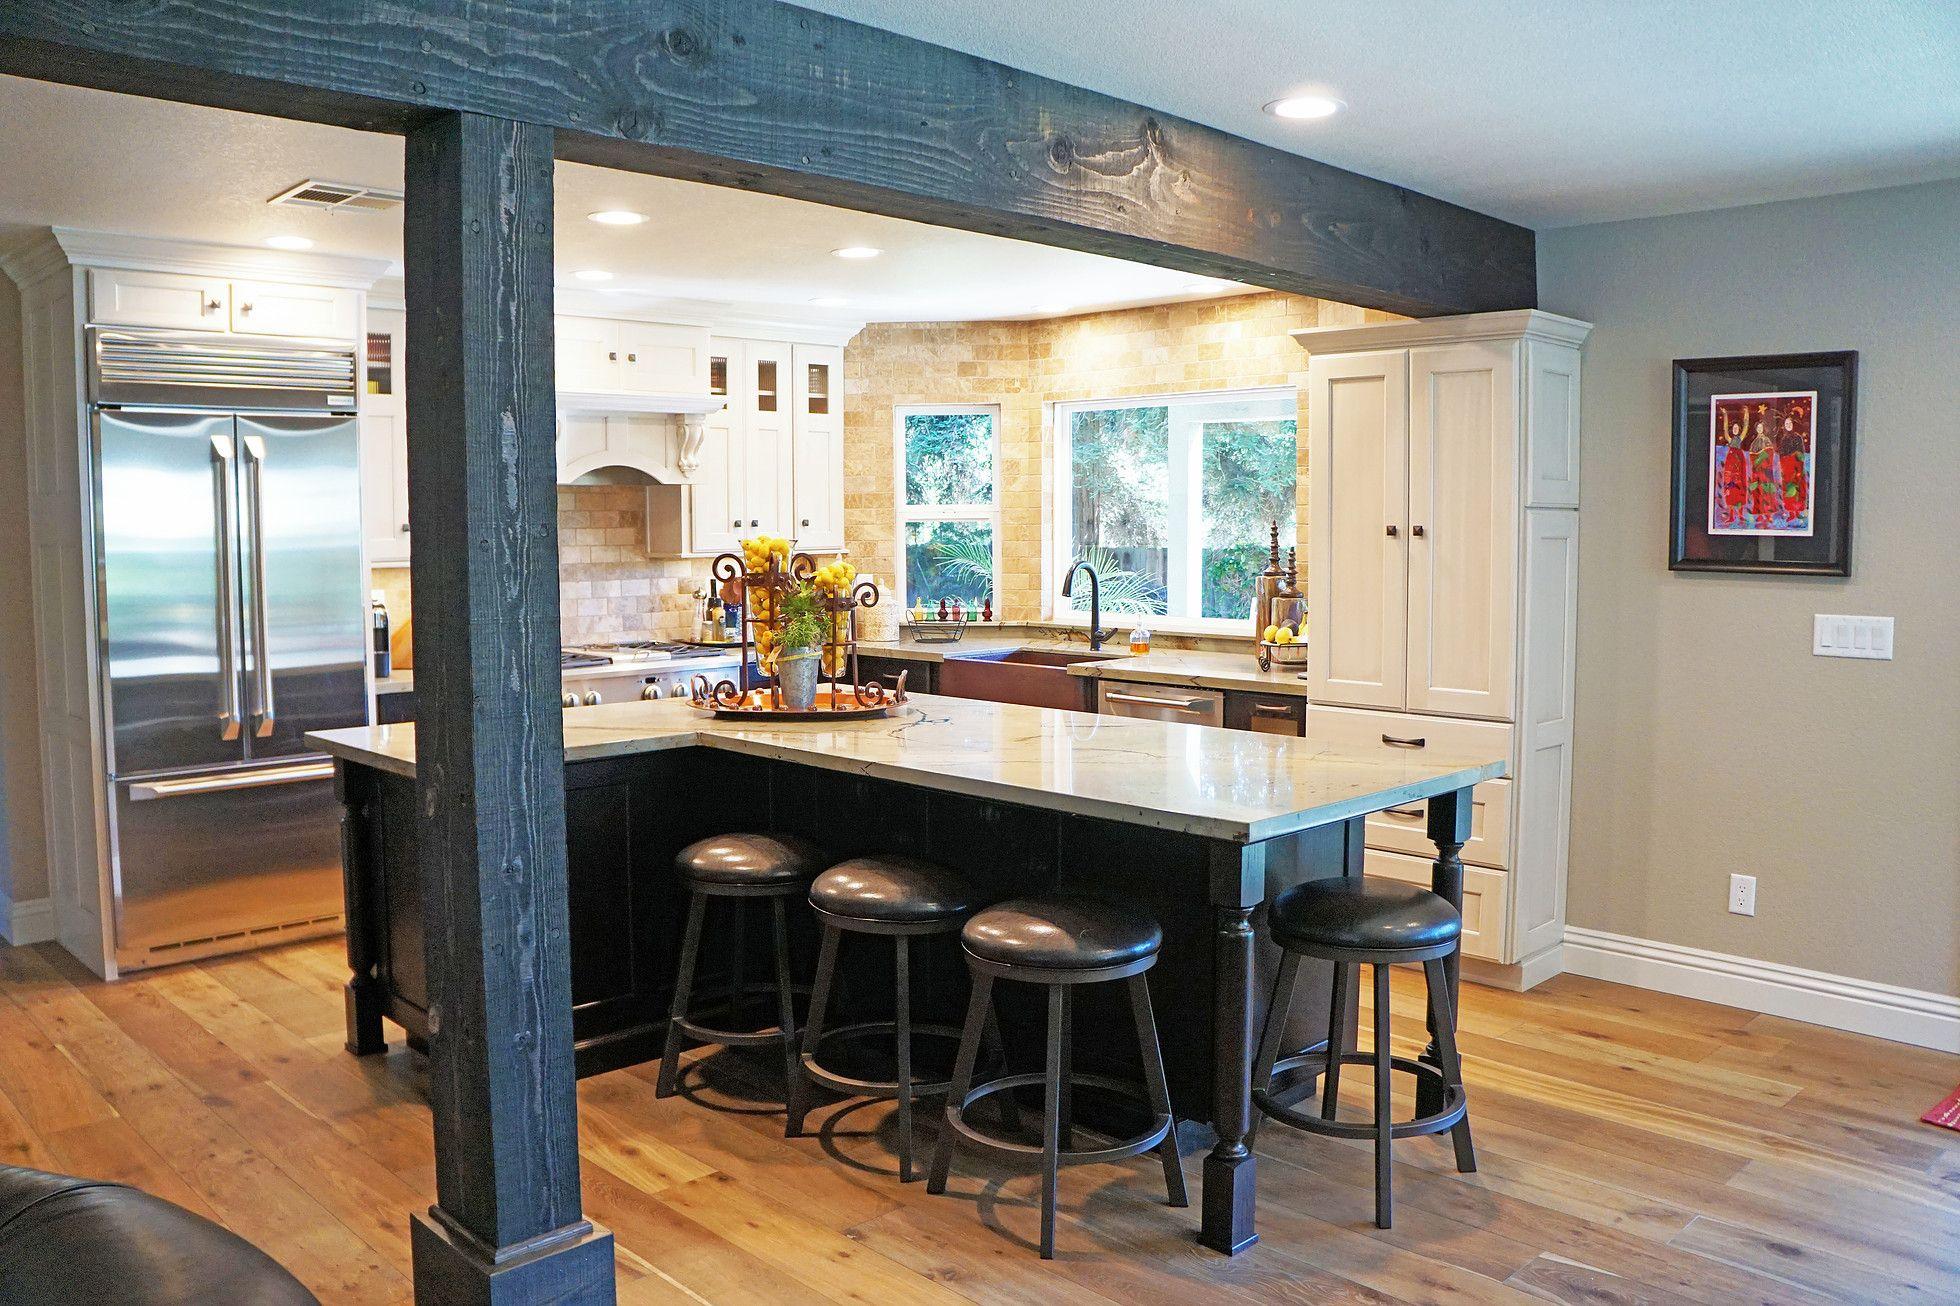 DSC02226 | Kitchen design, Beautiful kitchens, Kitchen views